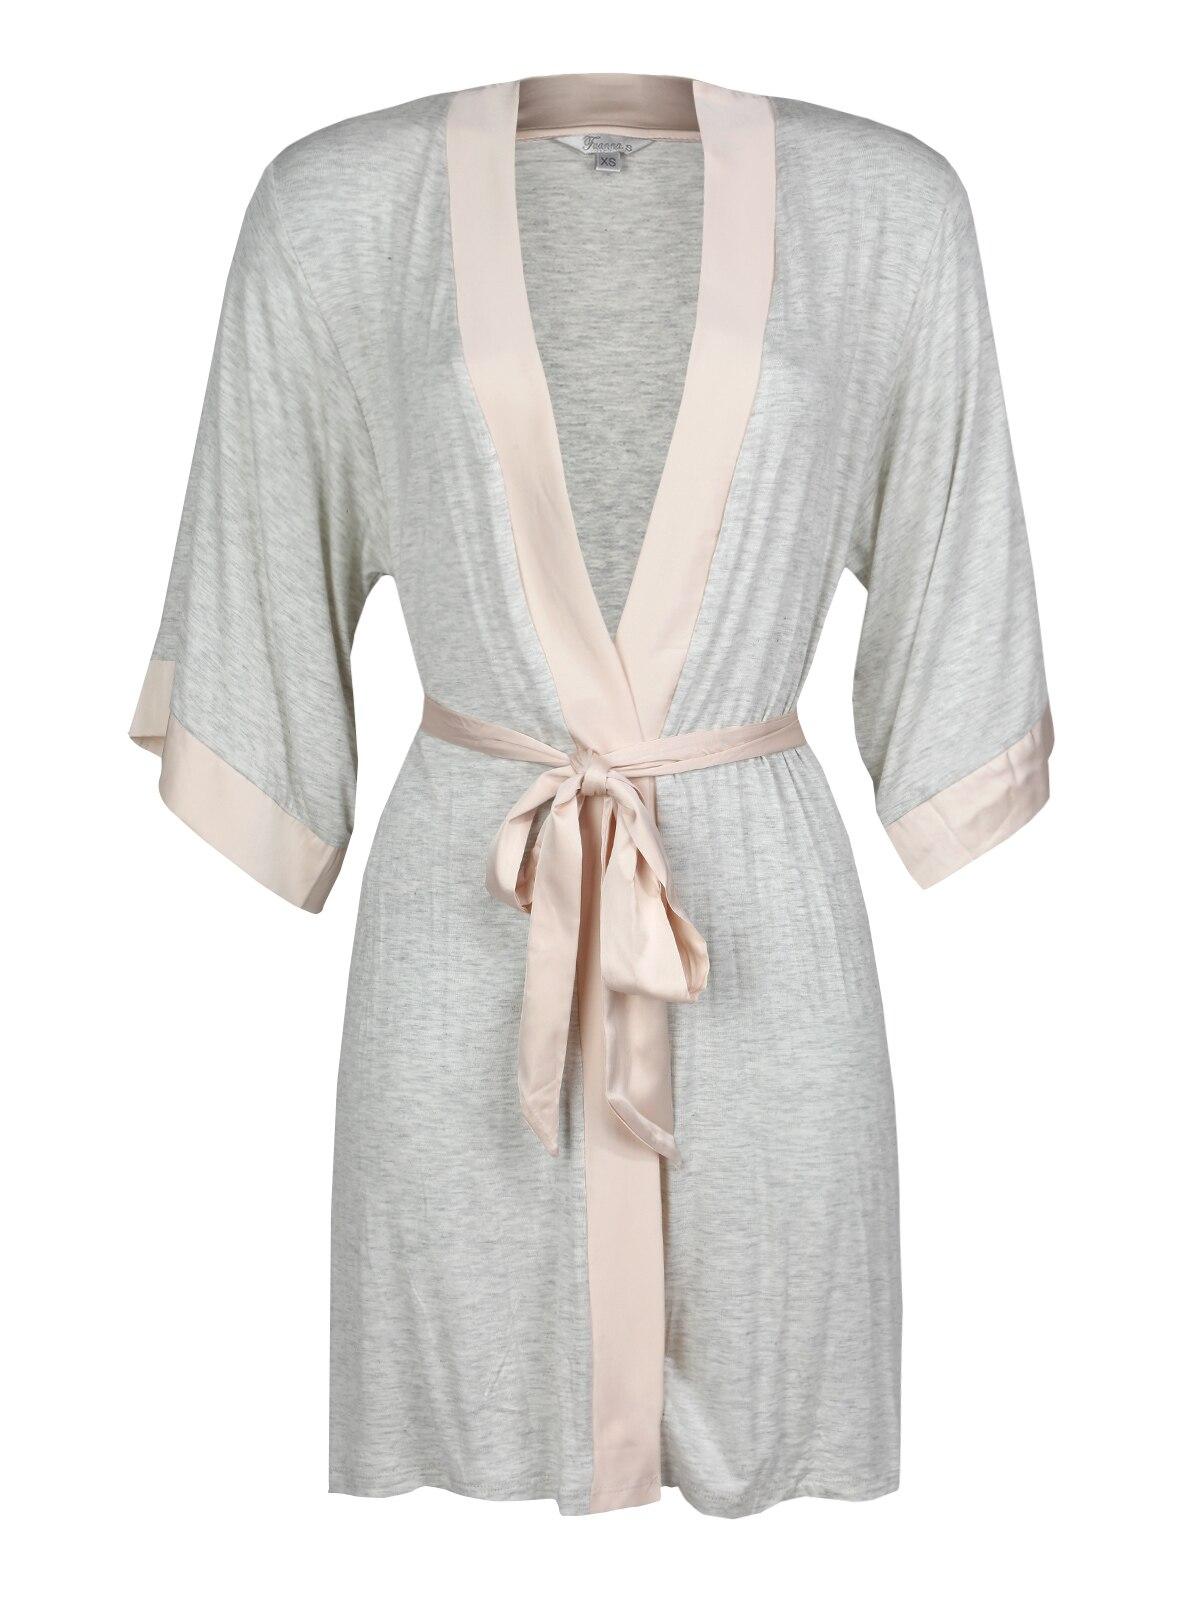 Kimono Robe With Belt